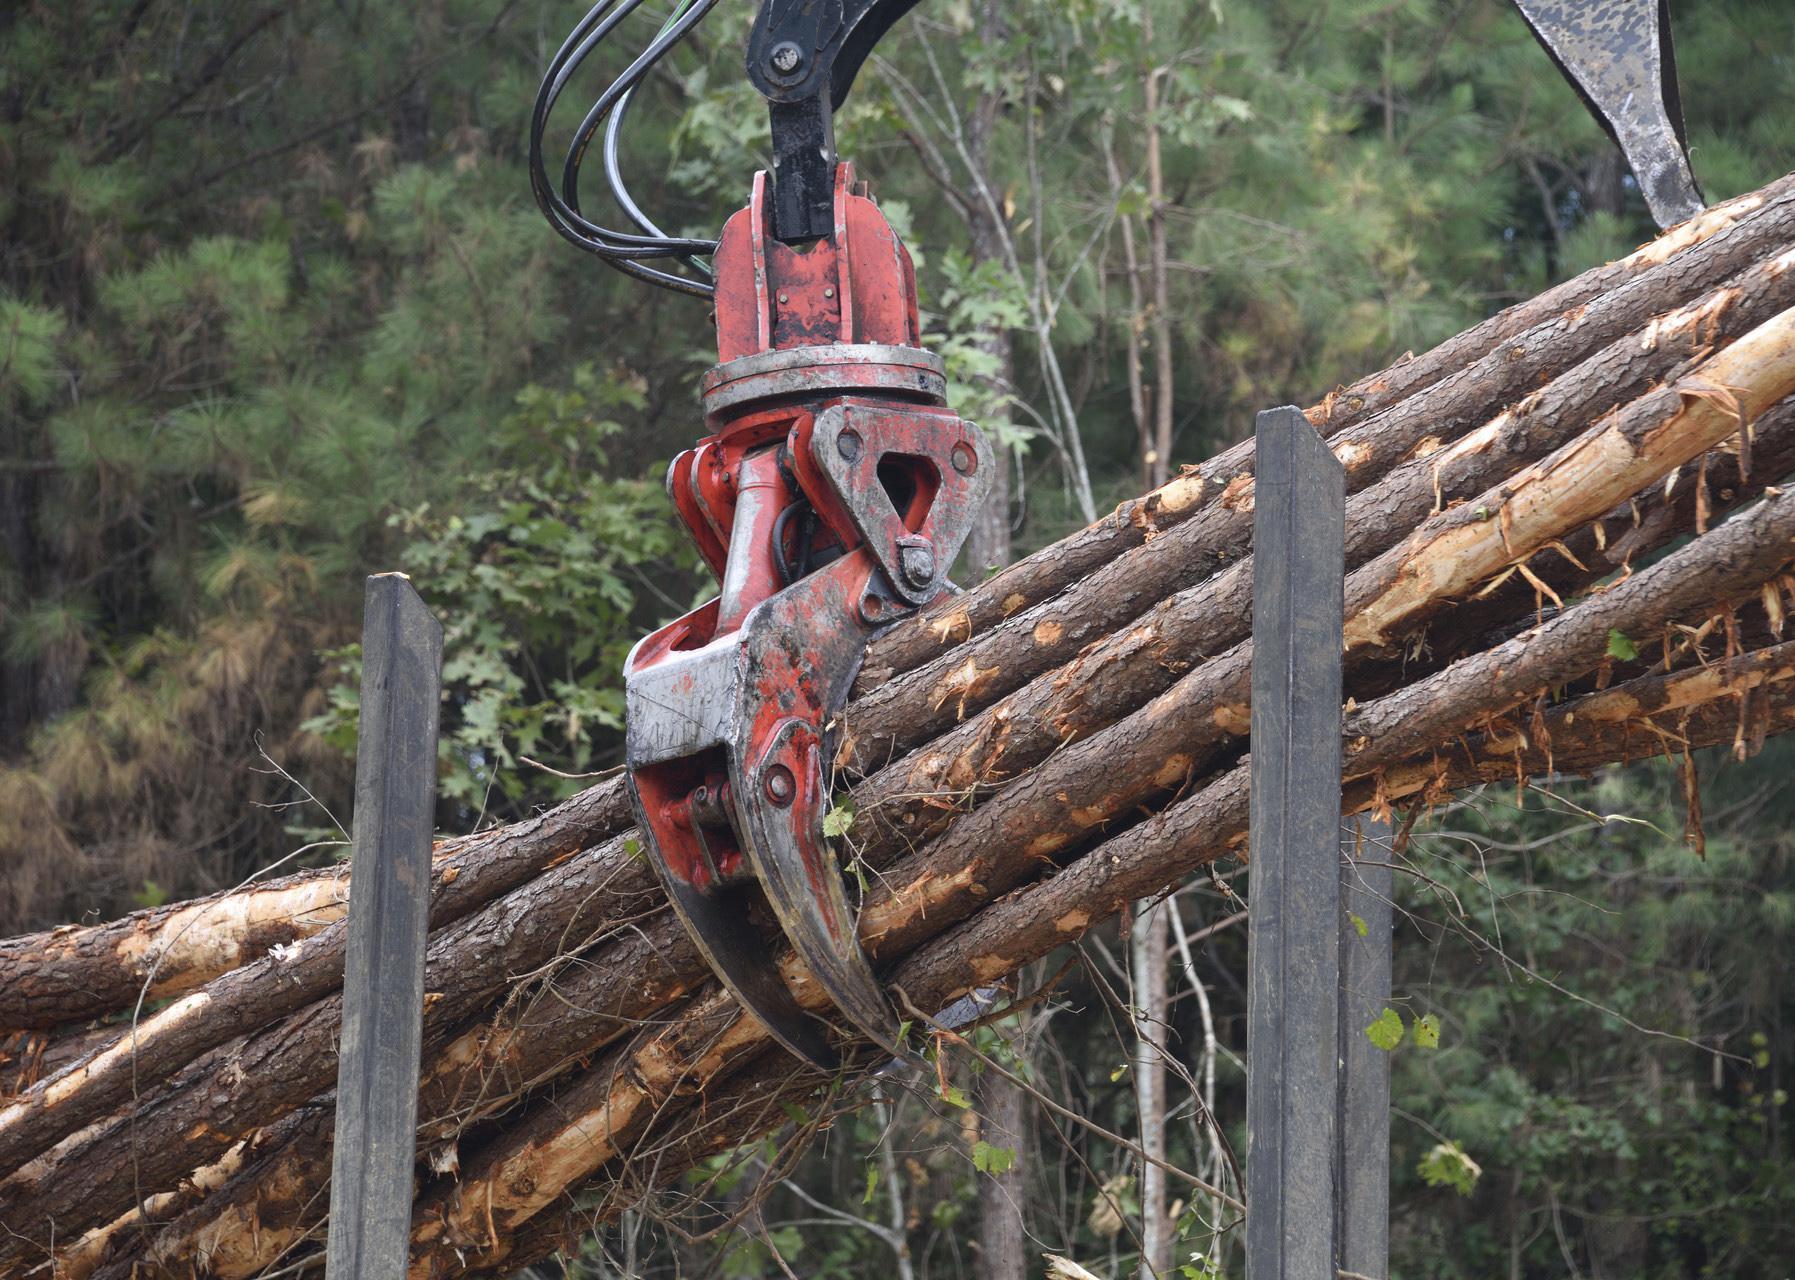 Logging tongs bundle timber.